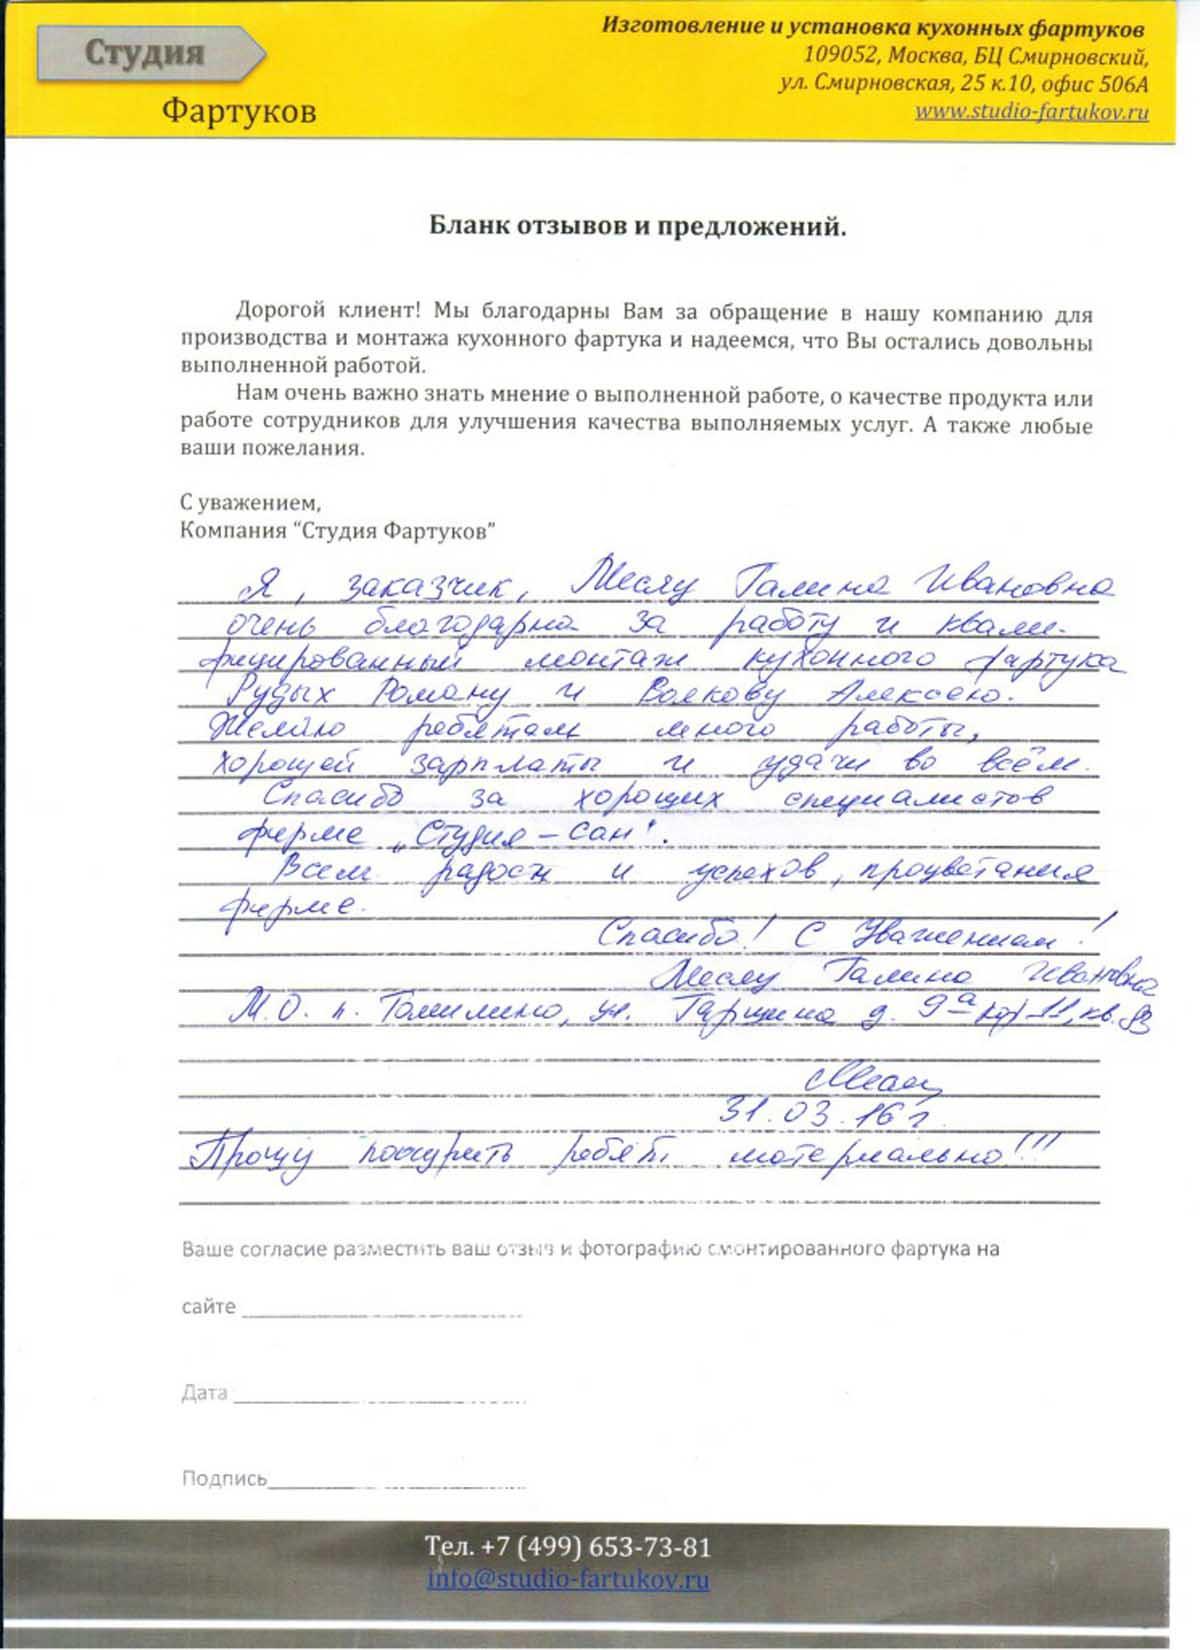 Отзыв Месяц Галины от 31.03.2016 по Договору №637/2016